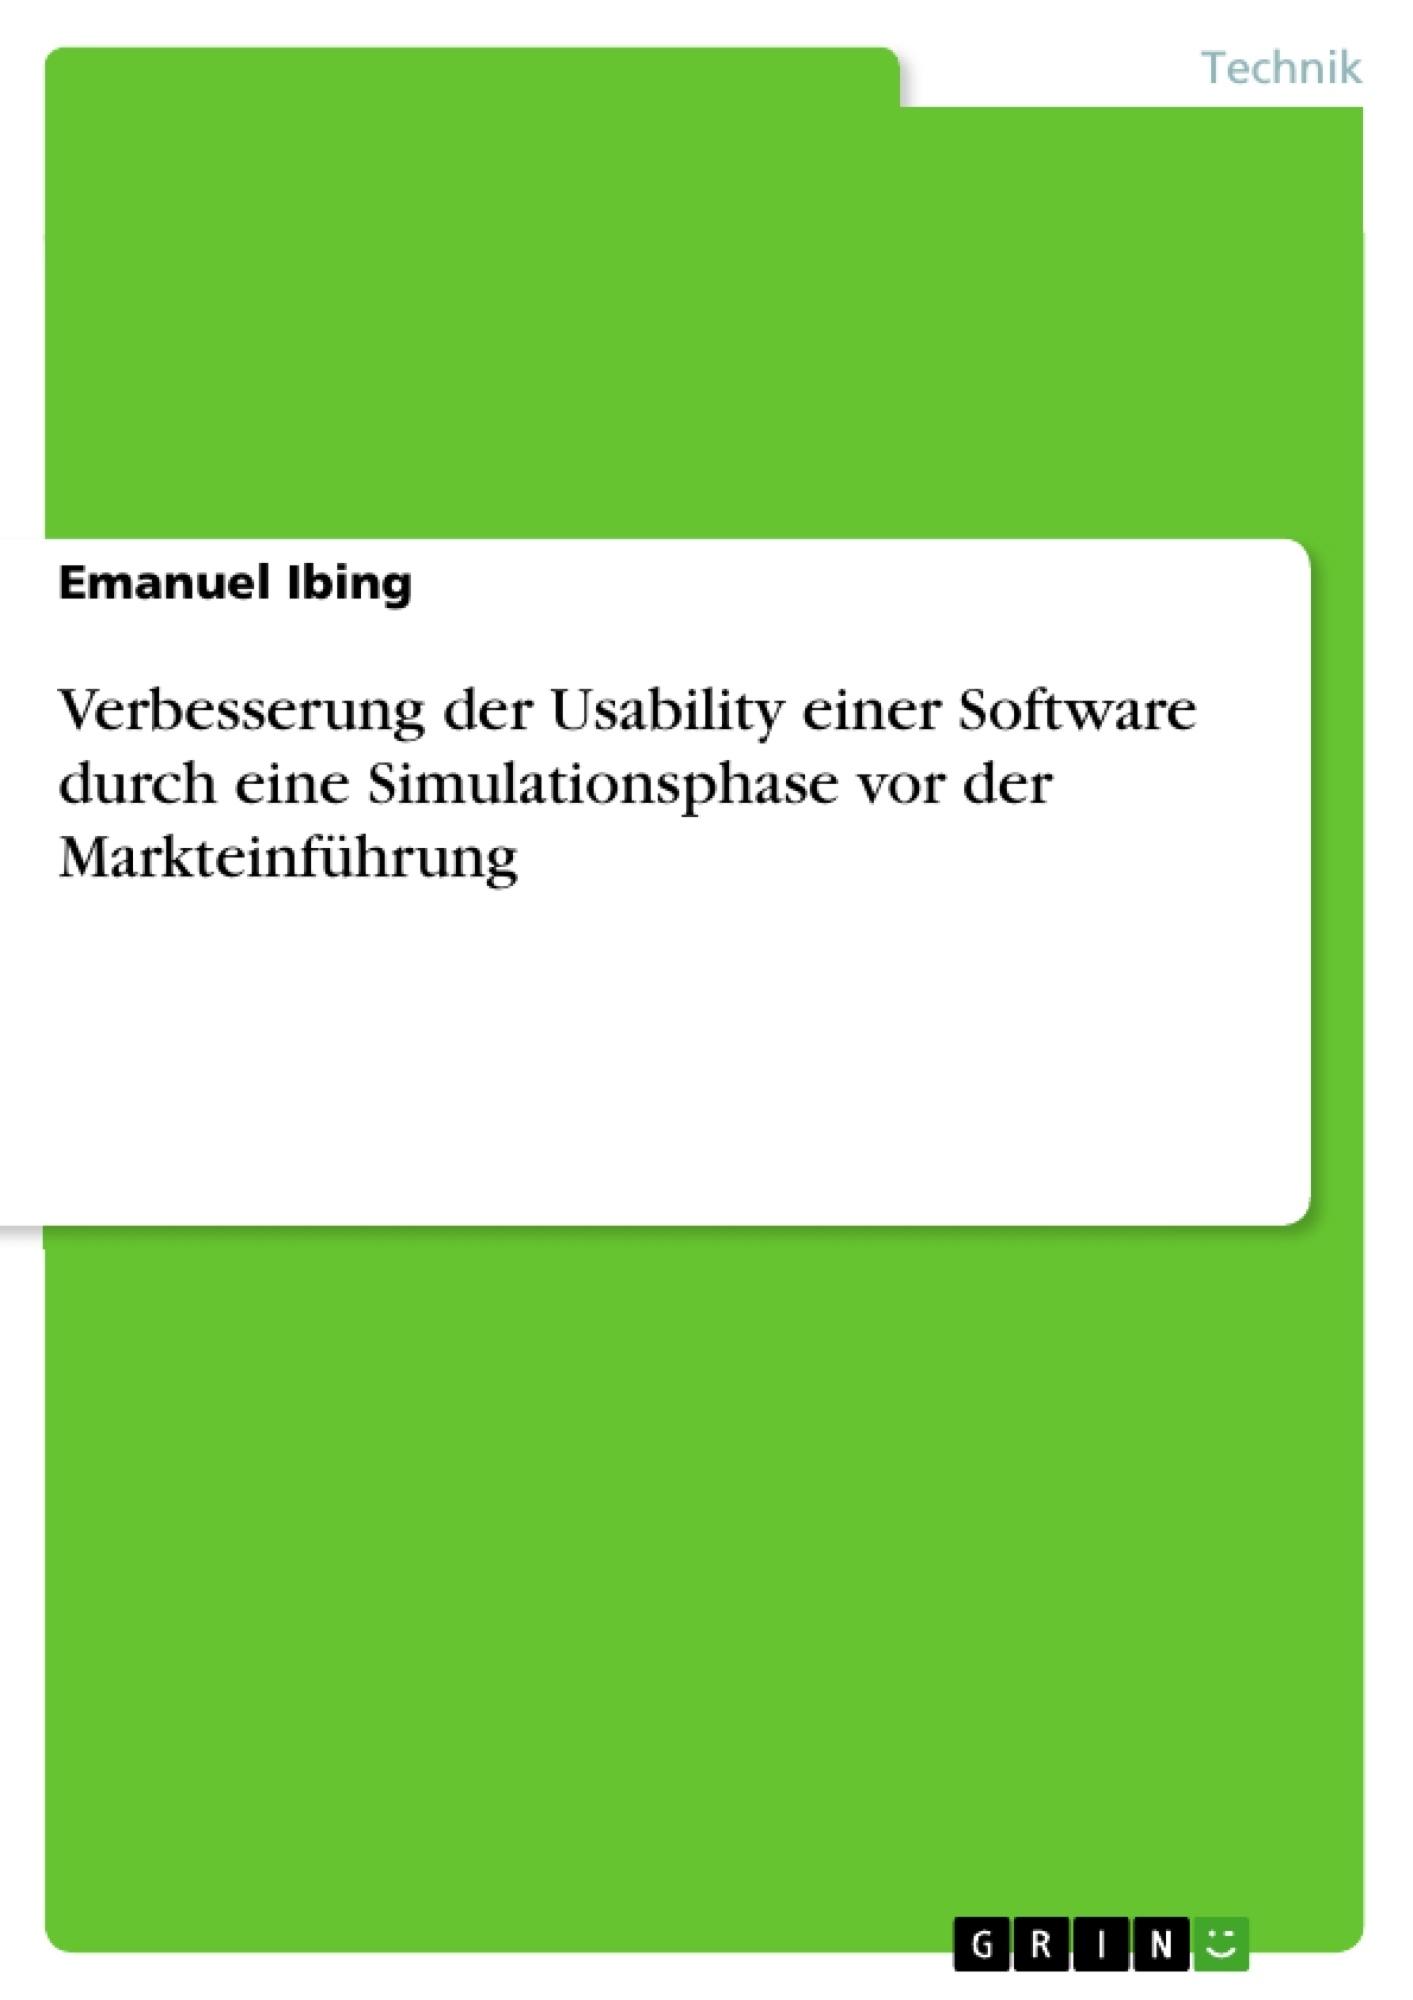 Titel: Verbesserung der Usability einer Software durch eine Simulationsphase vor der Markteinführung